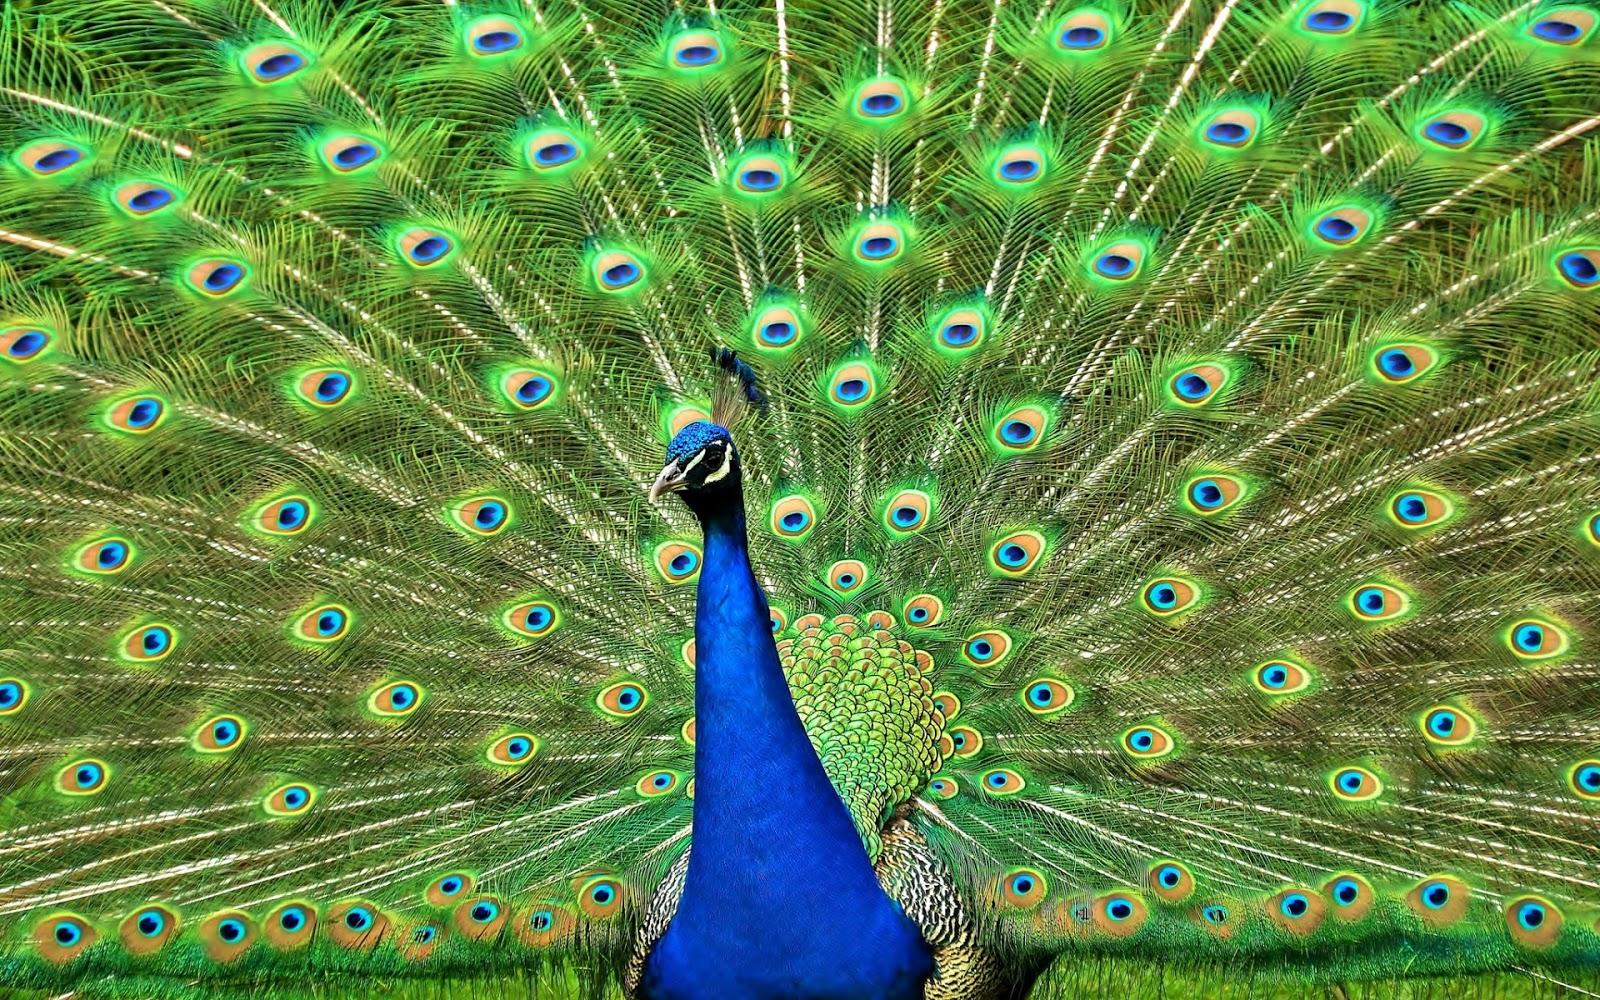 Im genes de plumas y colas del pavo real fotos e - Fotos de un pavo real ...